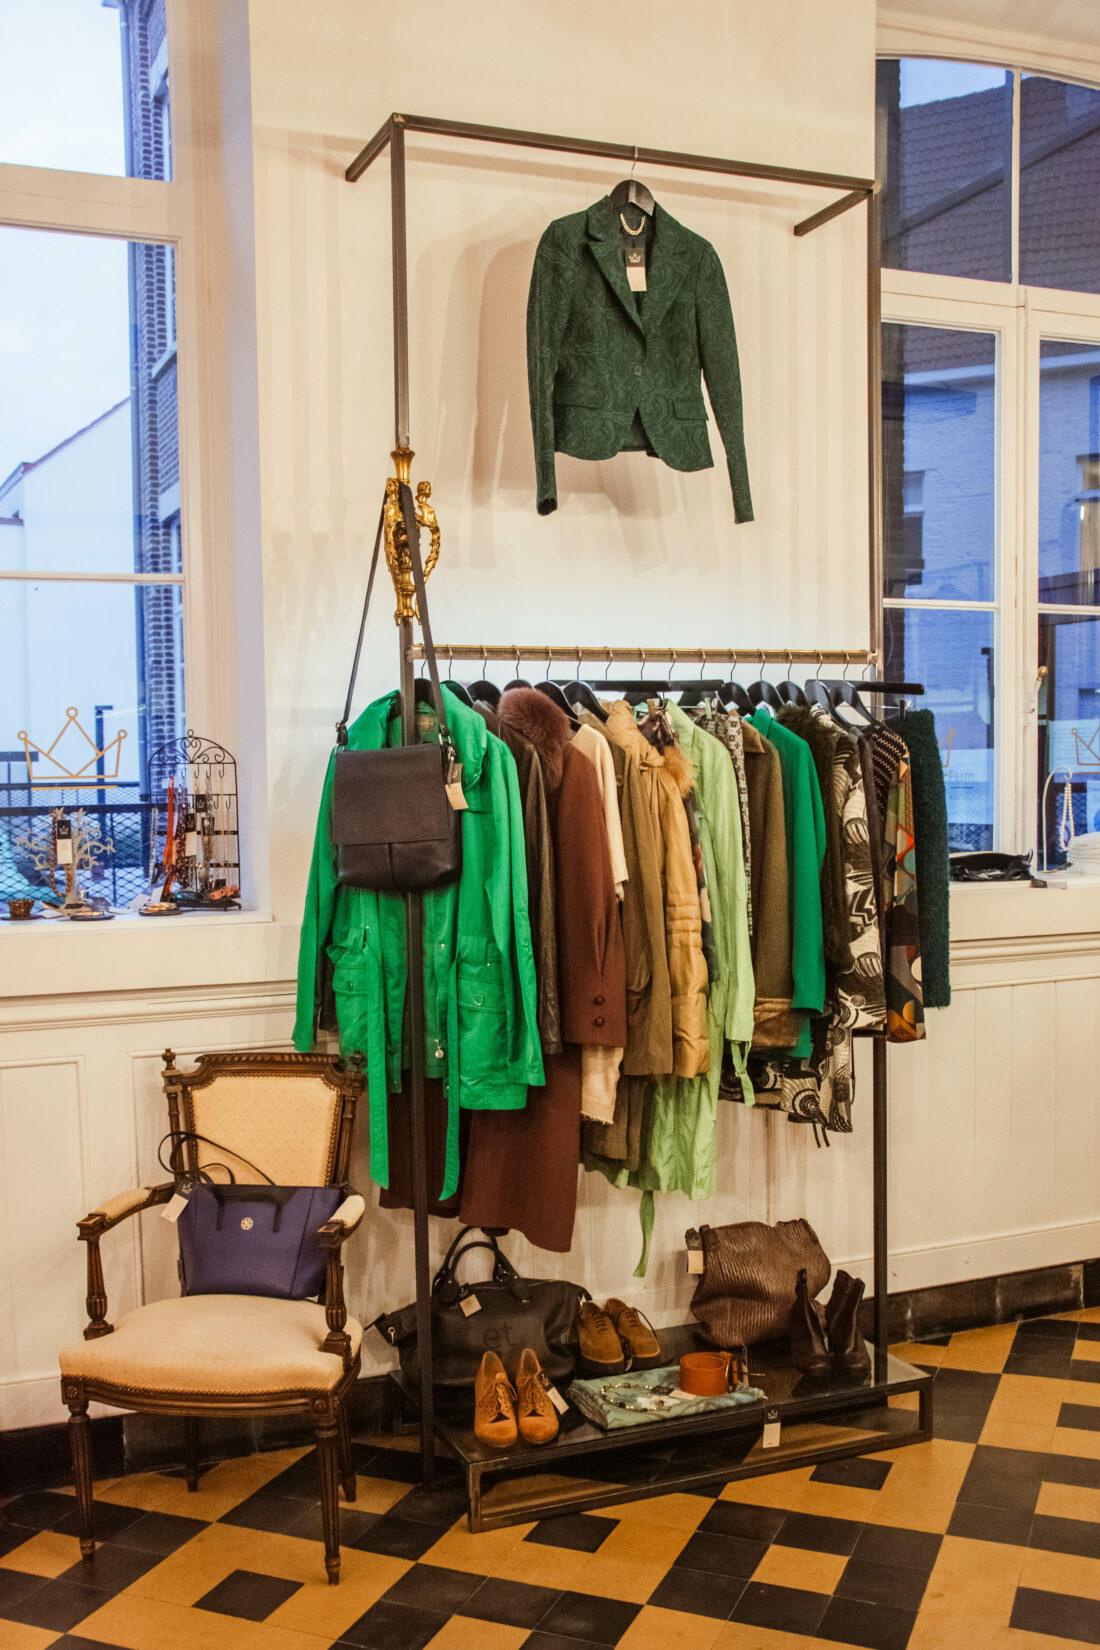 kledingrekken groene kleding